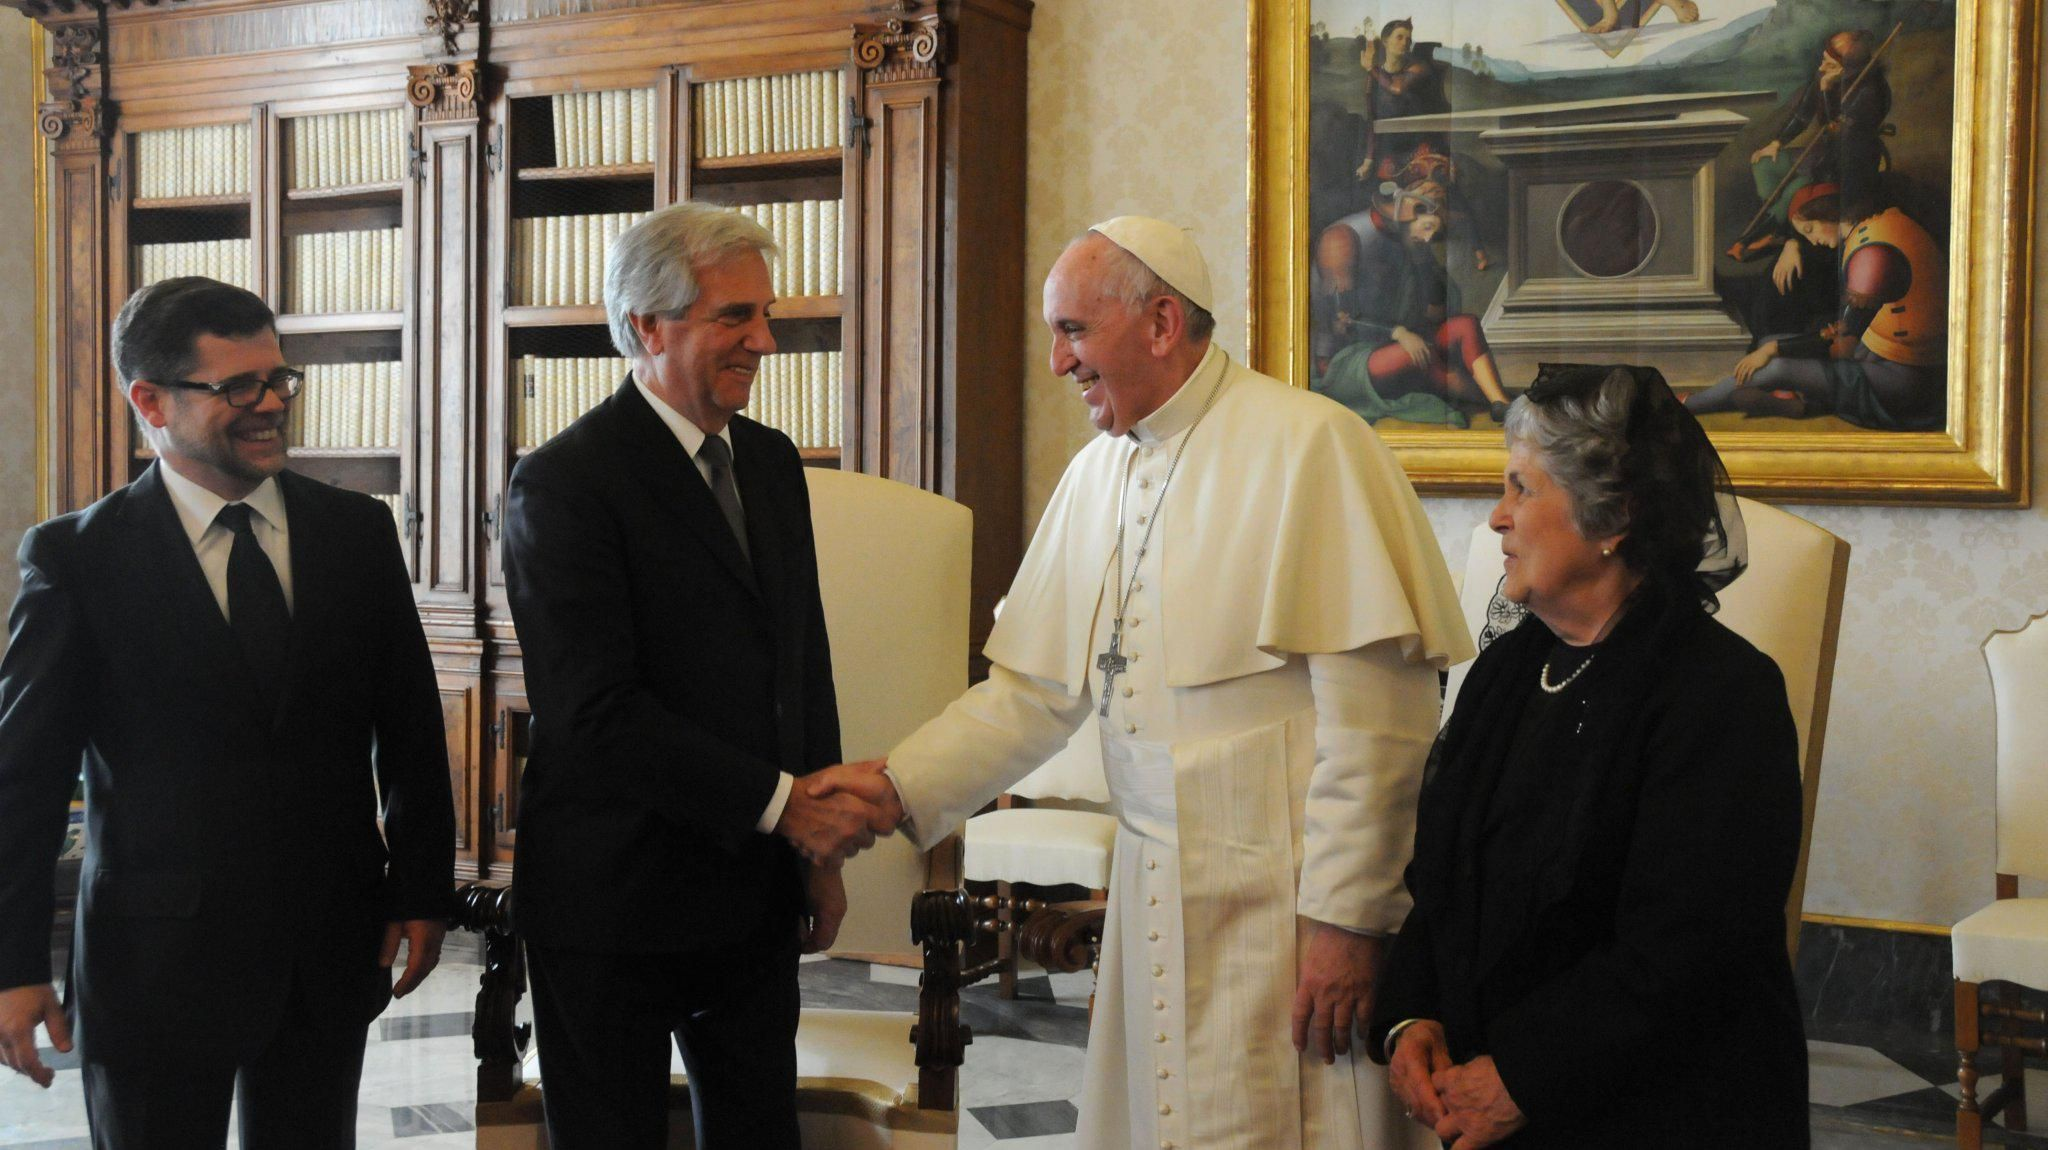 Vázquez y el papa Francisco acuerdan desclasificar archivos de la dictadura